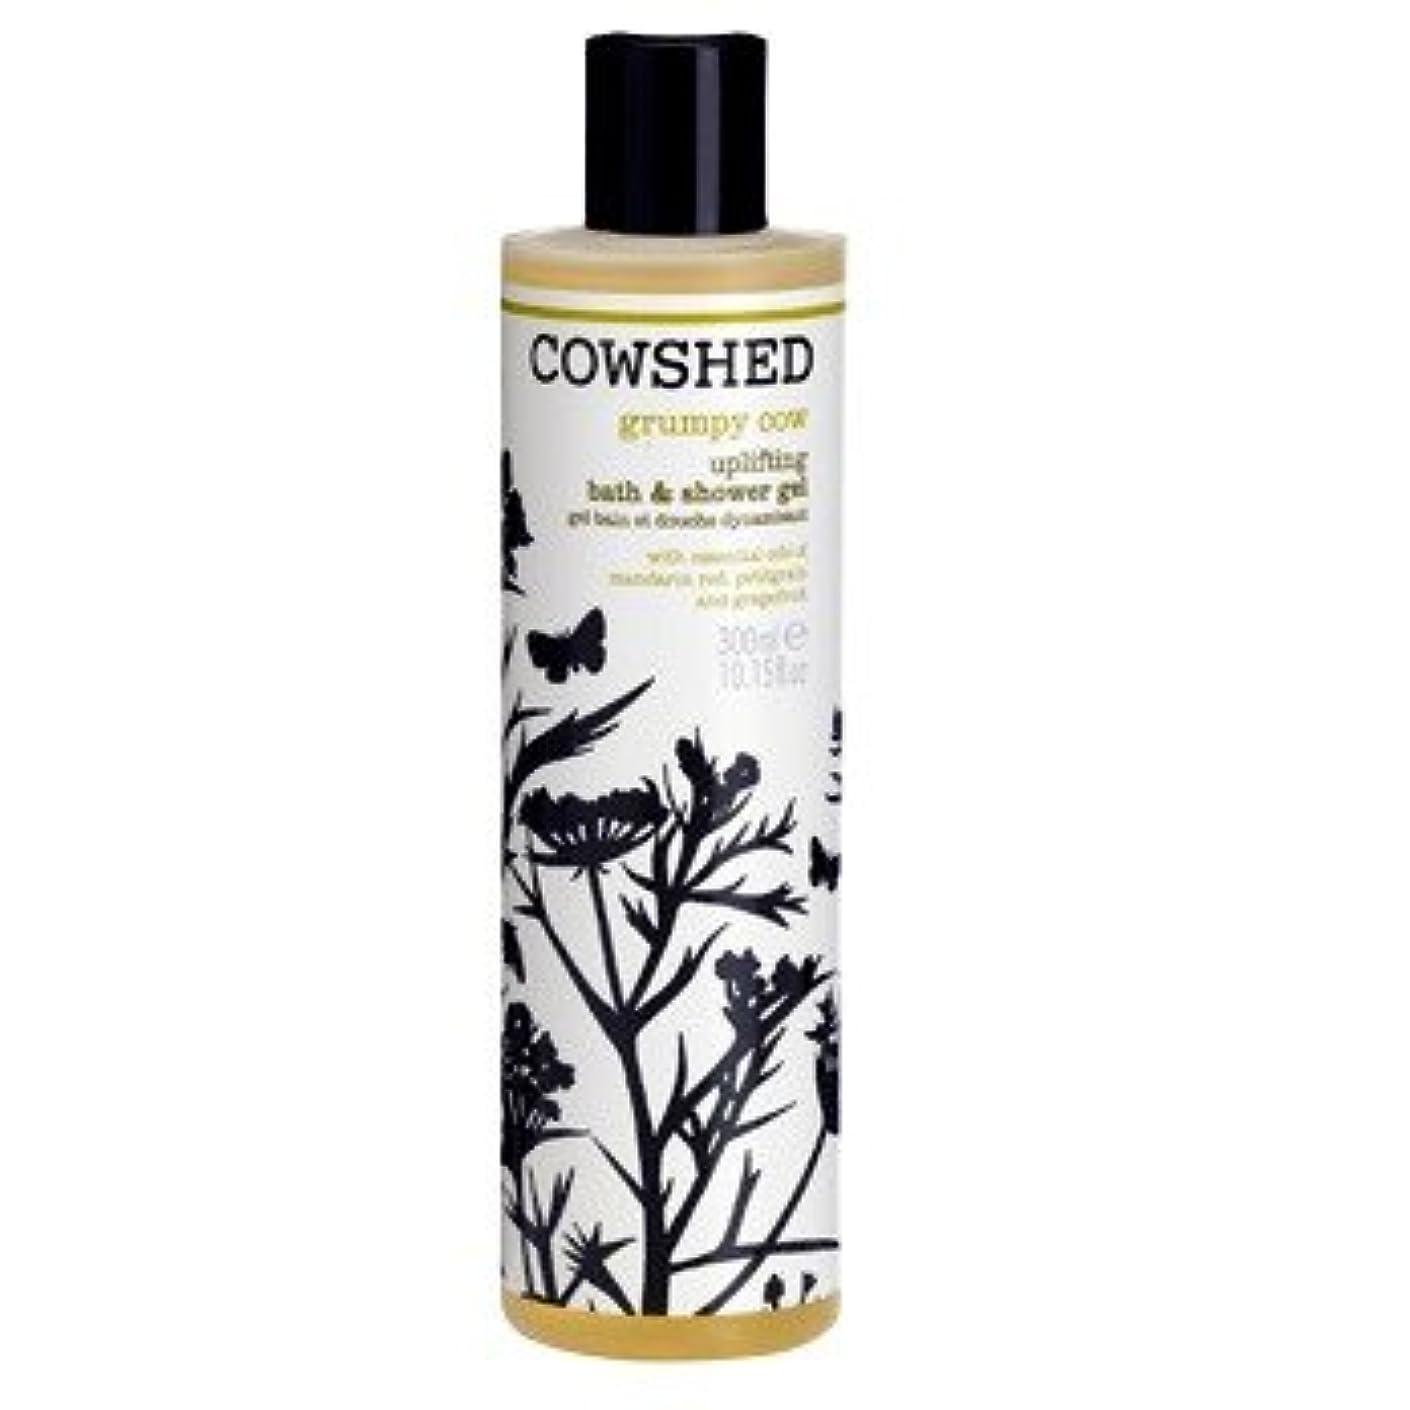 撃退するハイキングに行く意味牛舎気難しい牛高揚バス&シャワージェル300ミリリットル (Cowshed) - Cowshed Grumpy Cow Uplifting Bath & Shower Gel 300ml [並行輸入品]